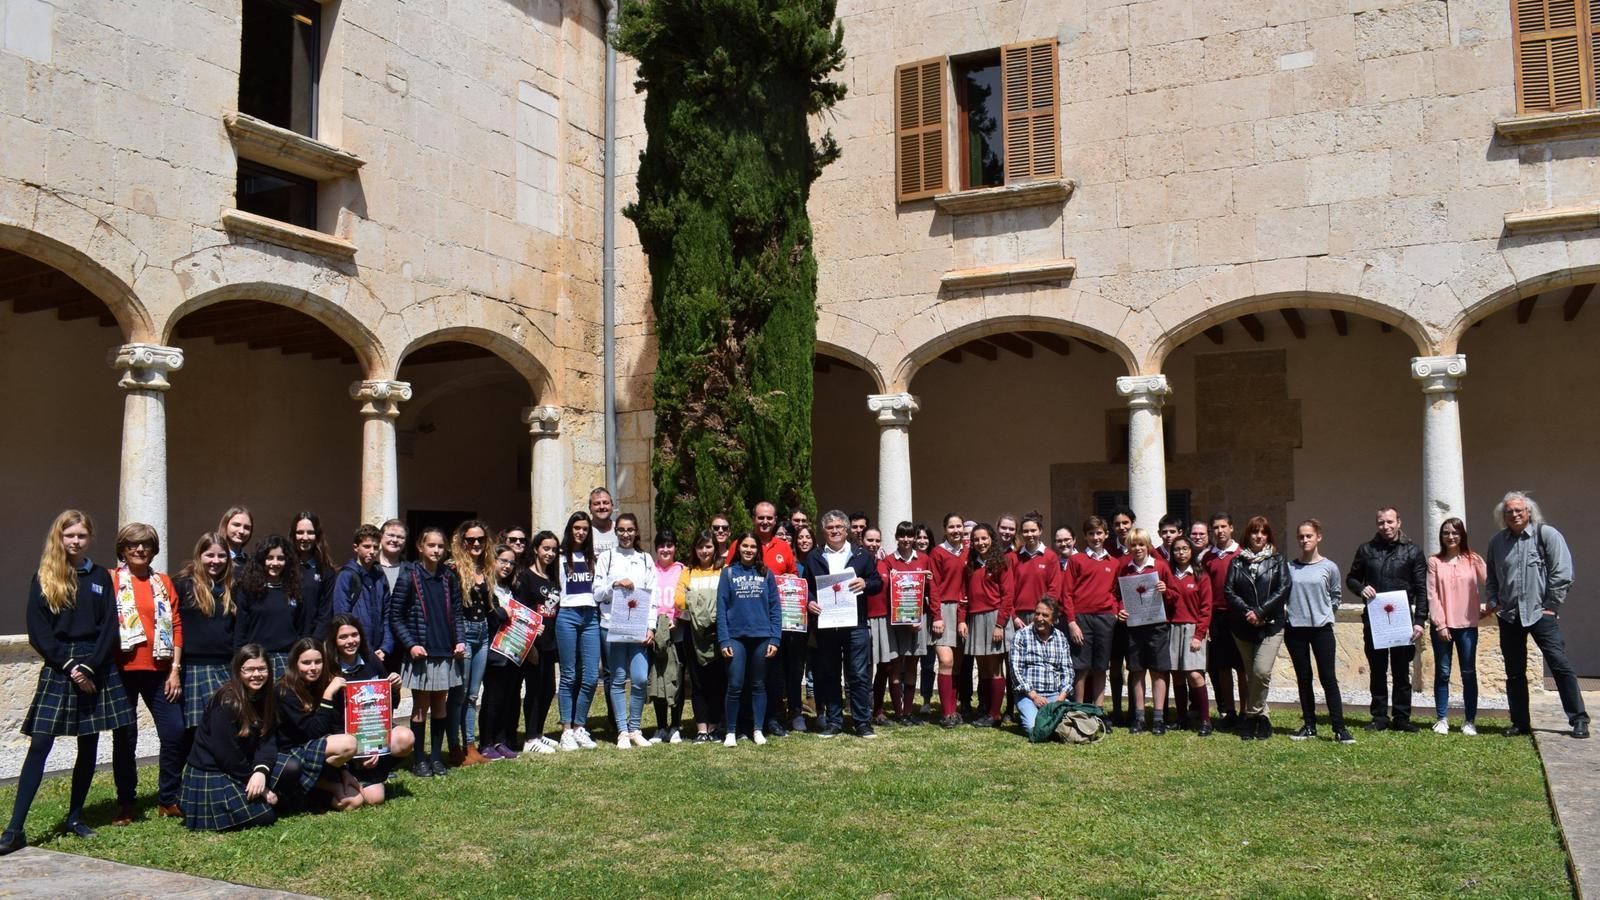 Grups d'escolars amb el cartell dels actes de la Festa del Llibre.